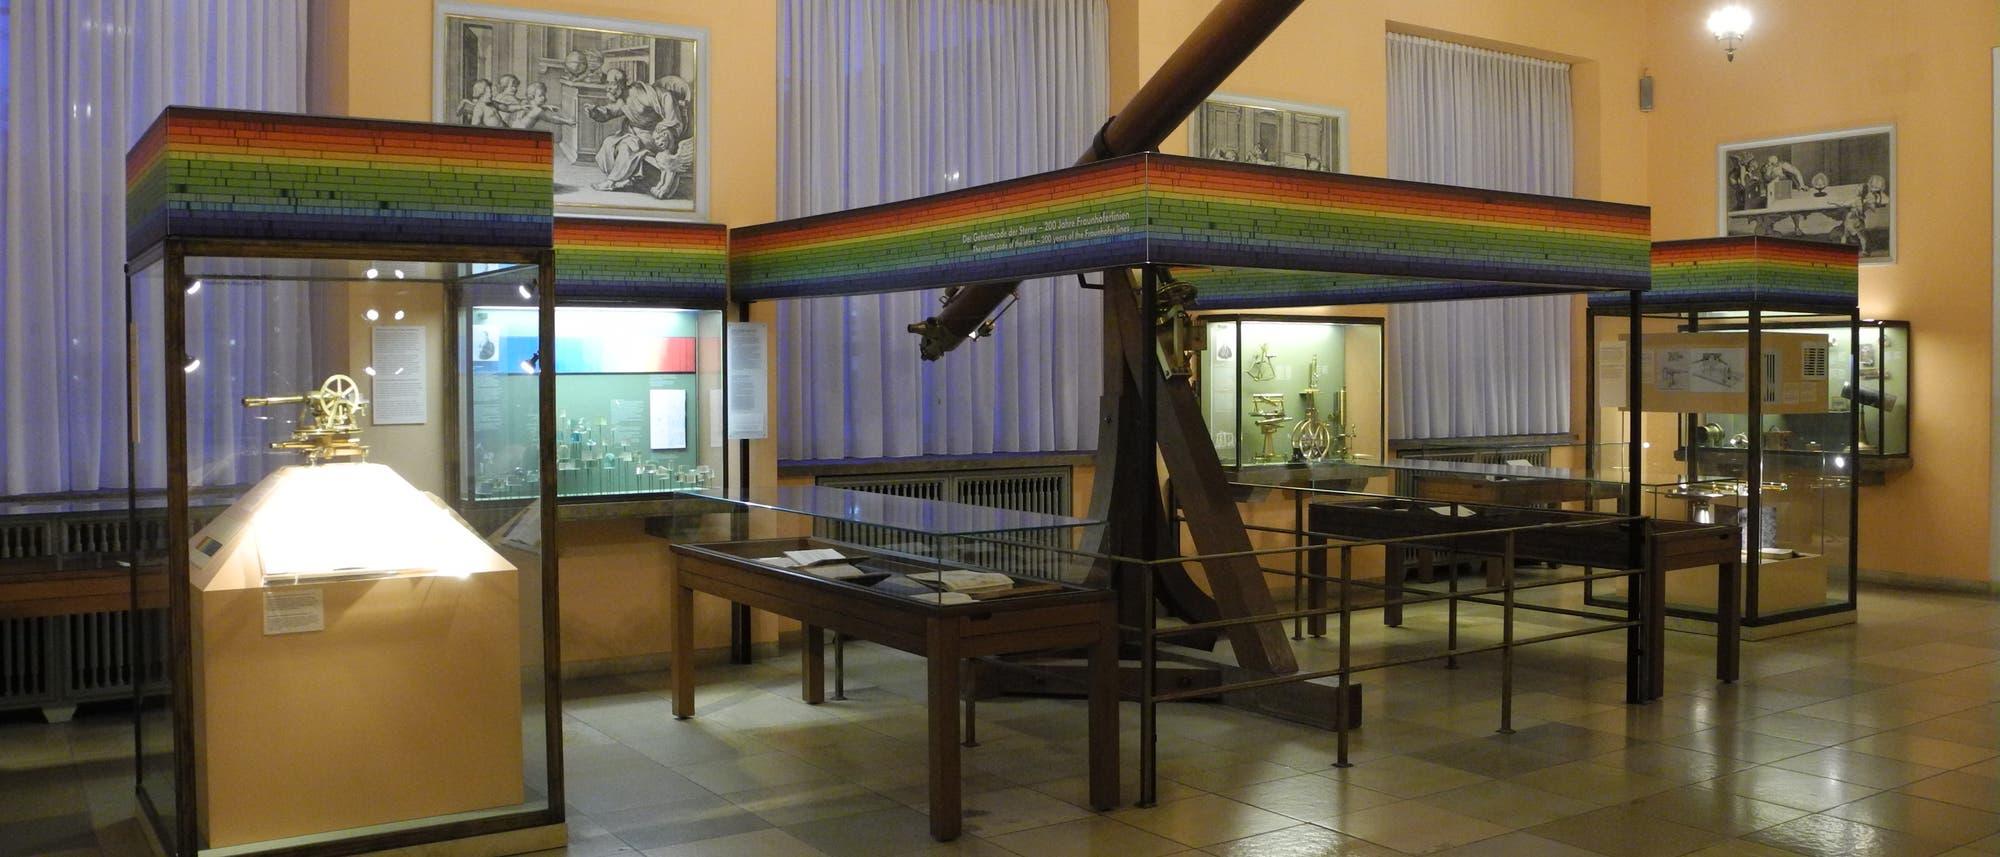 """Sonderausstellung """"Der Geheimcode der Sterne"""" im Deutschen Museum"""